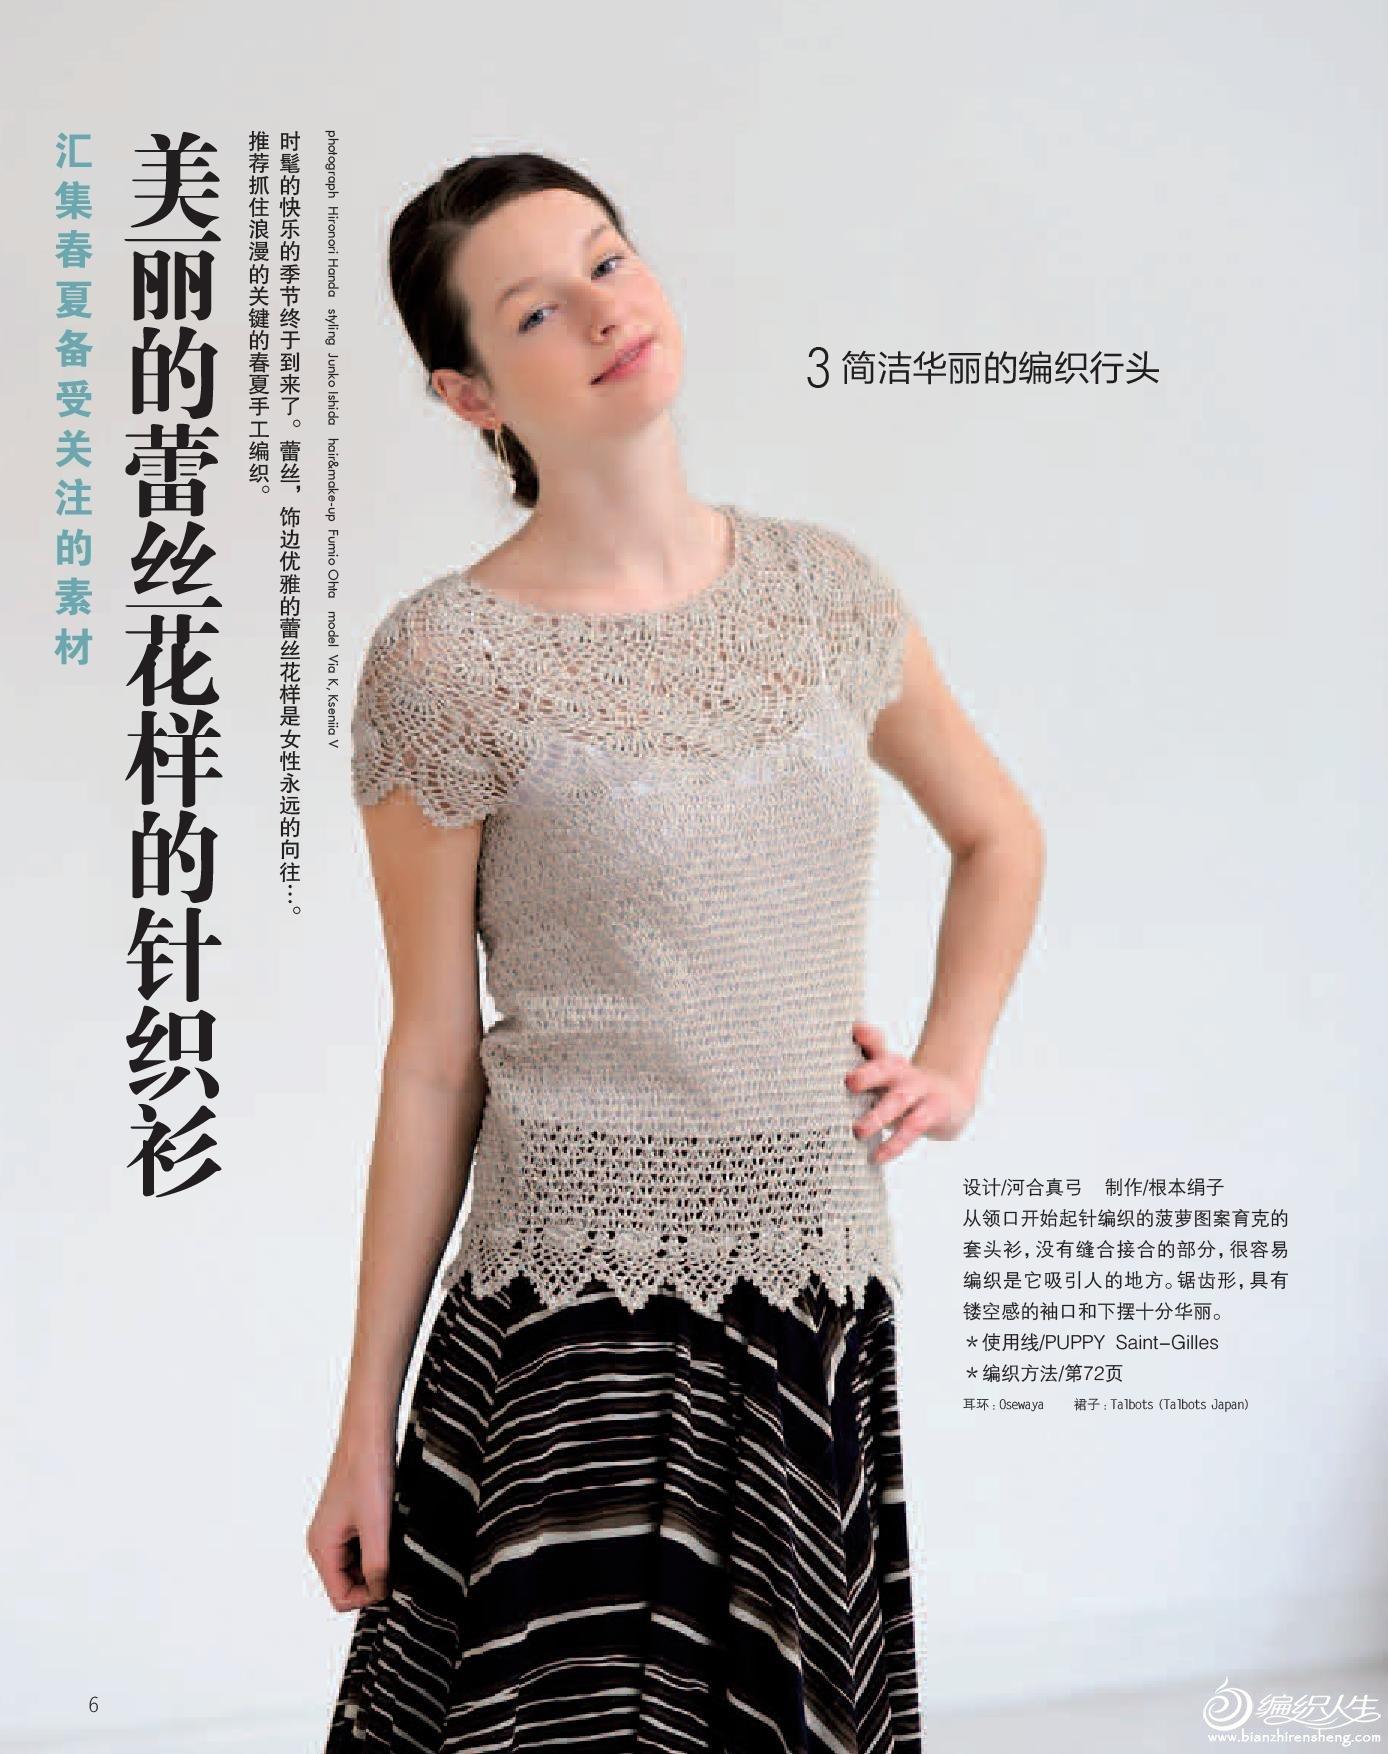 世界编织1 蕾丝编织的美丽世界-6.jpg